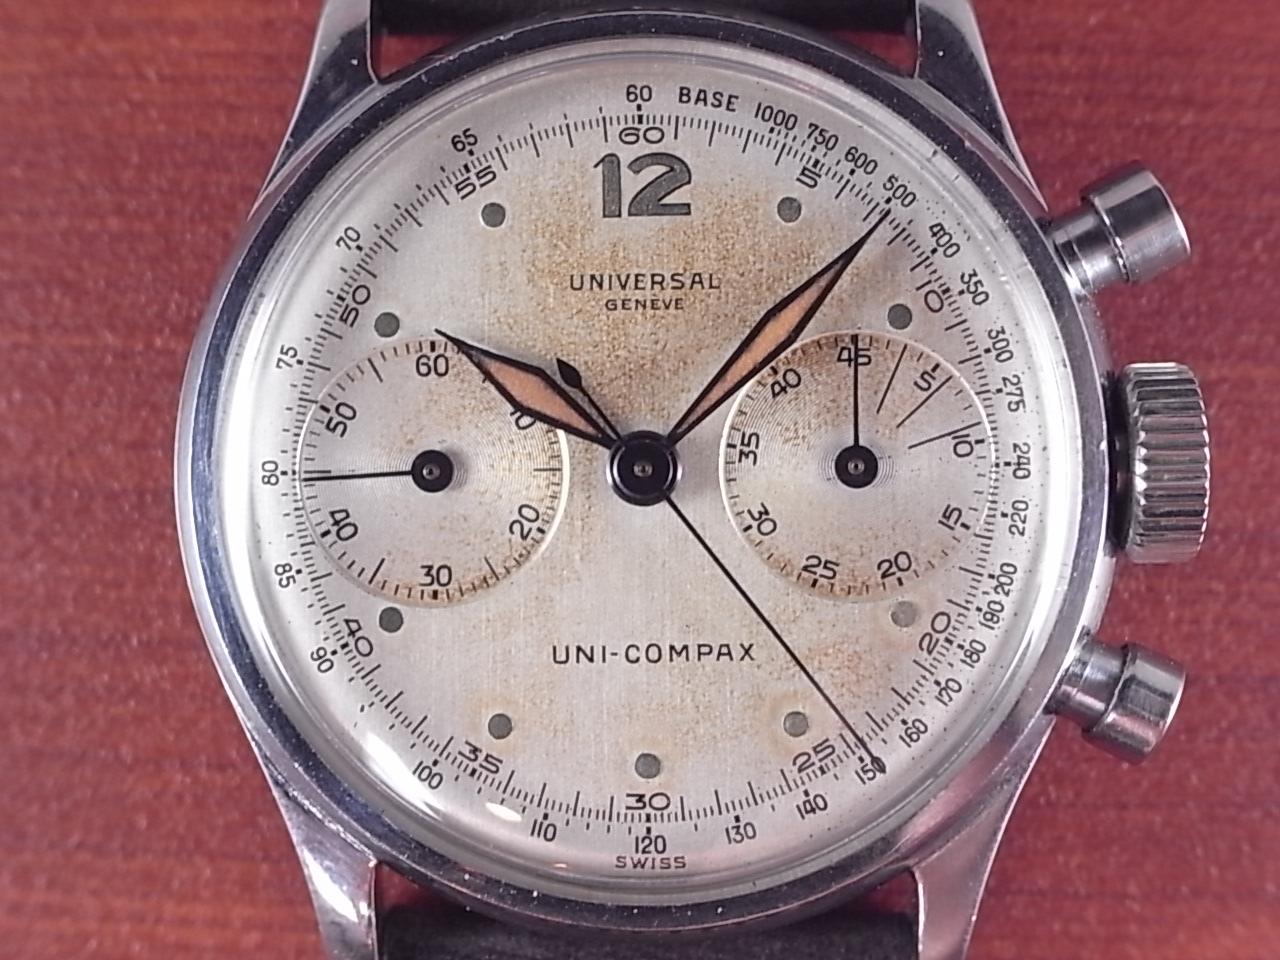 ユニバーサル ユニコンパックス クロノグラフ キャリバー281 1940年代 の写真2枚目